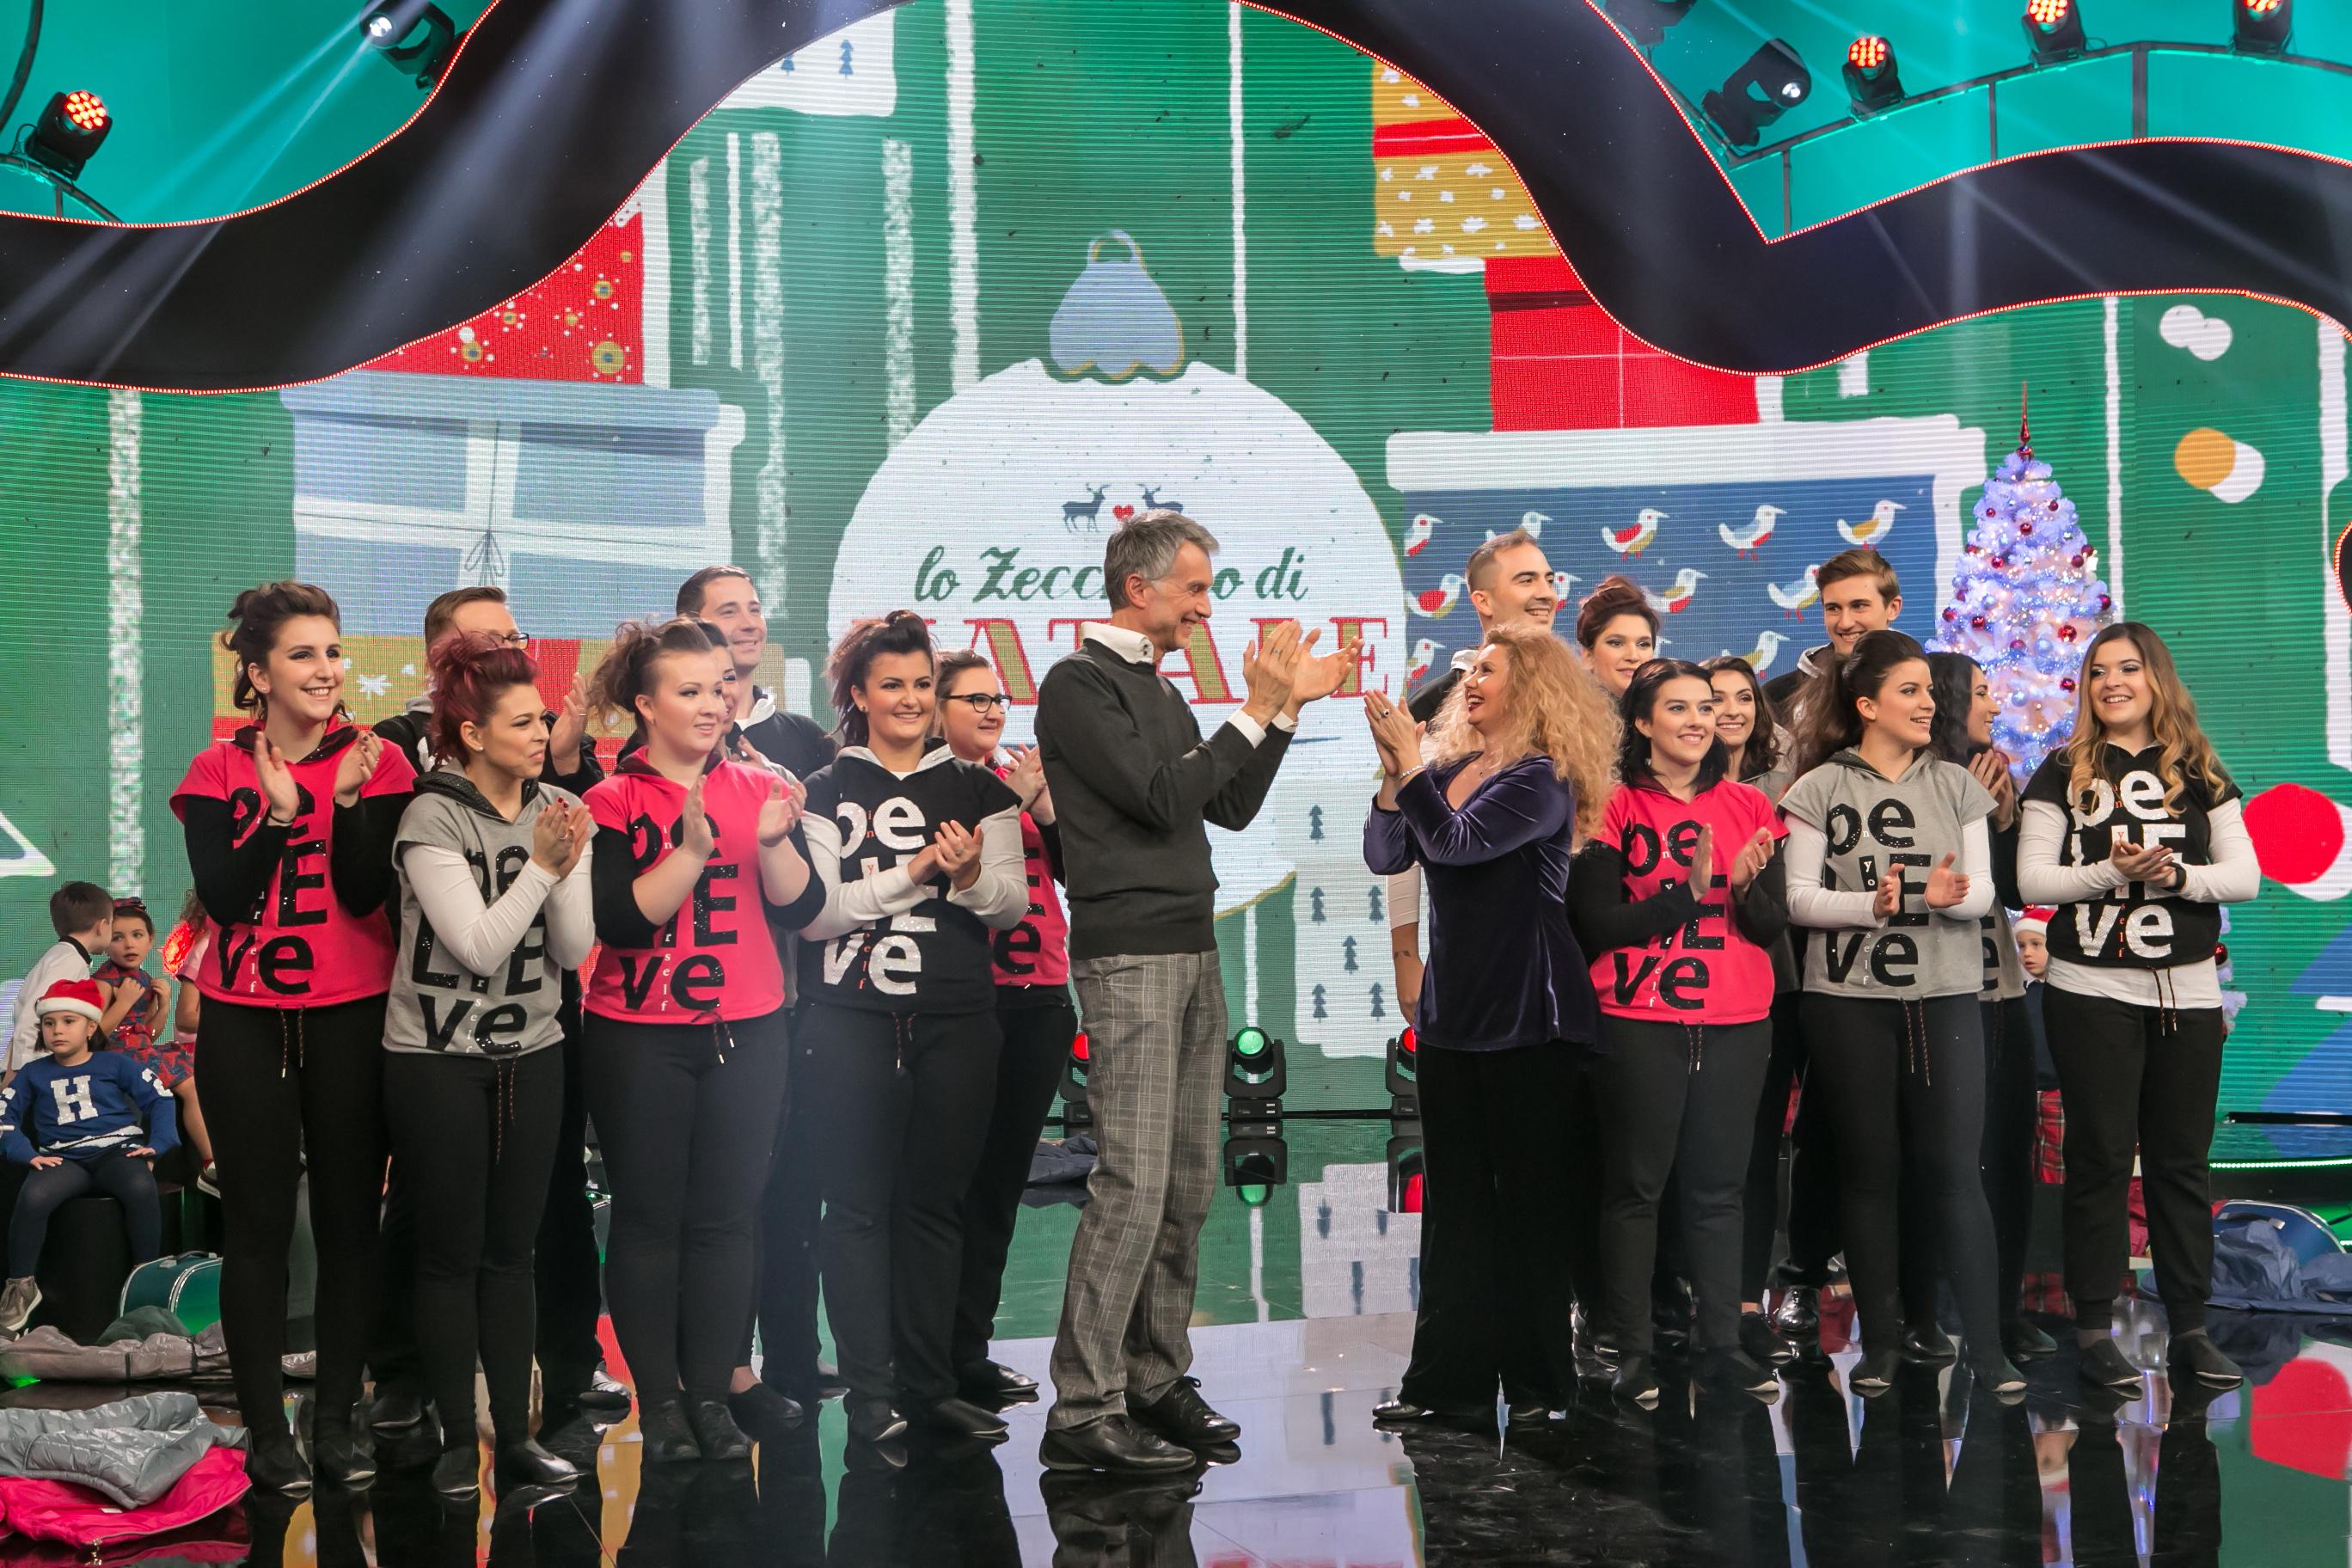 A un passo da te - Le Verdi Note dell'Antoniano- Lo Zecchino di Natale00024